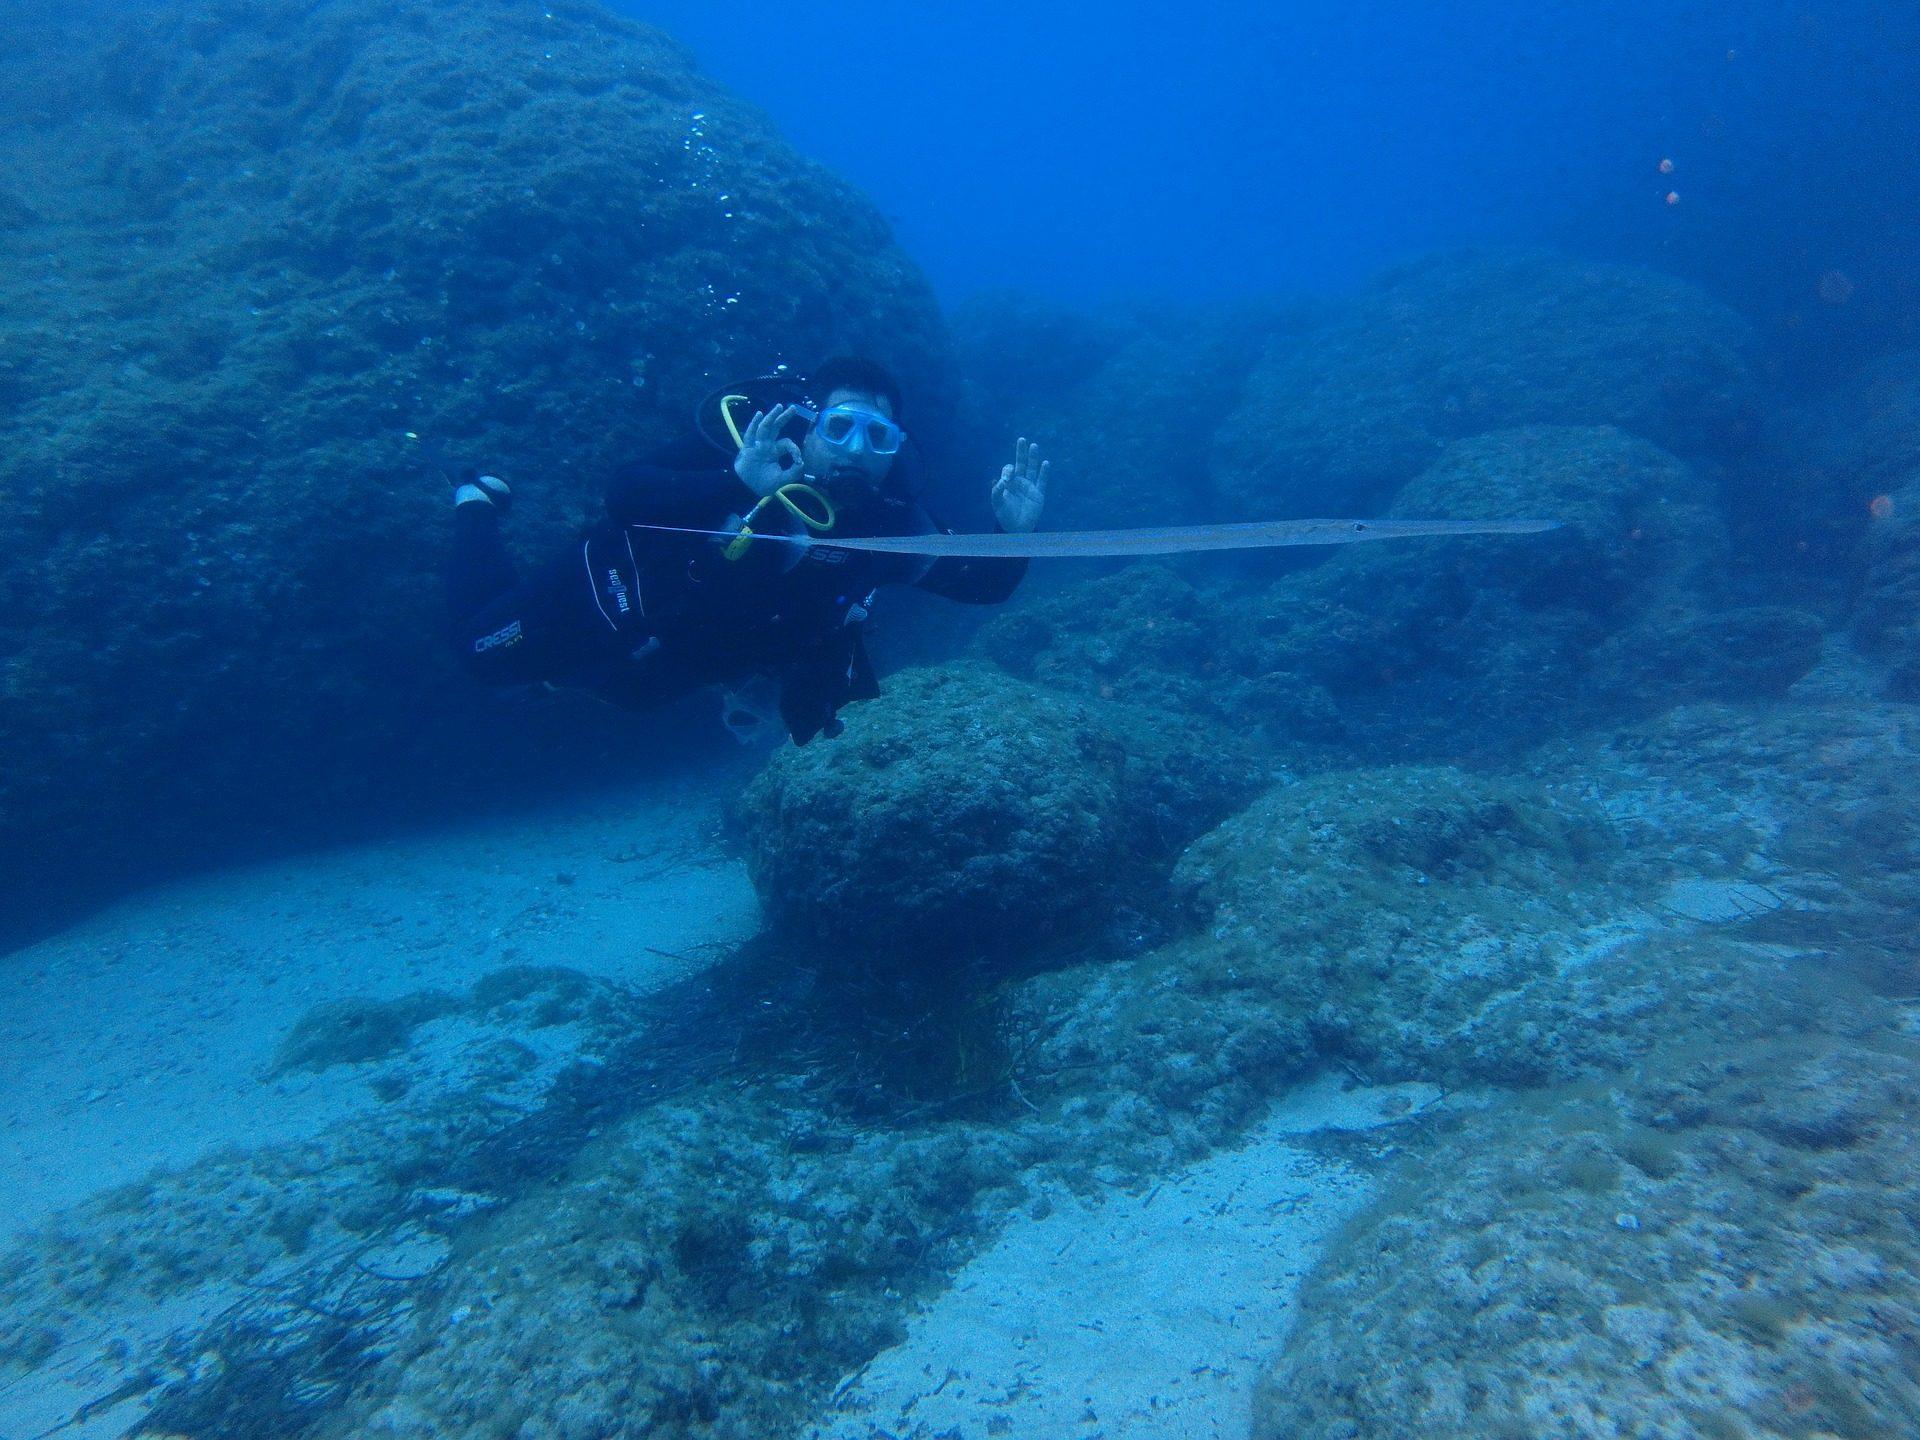 Scuba diving, Taucher, Meer, Fisch-Querflöte, Mediterranean - Wallpaper HD - Prof.-falken.com